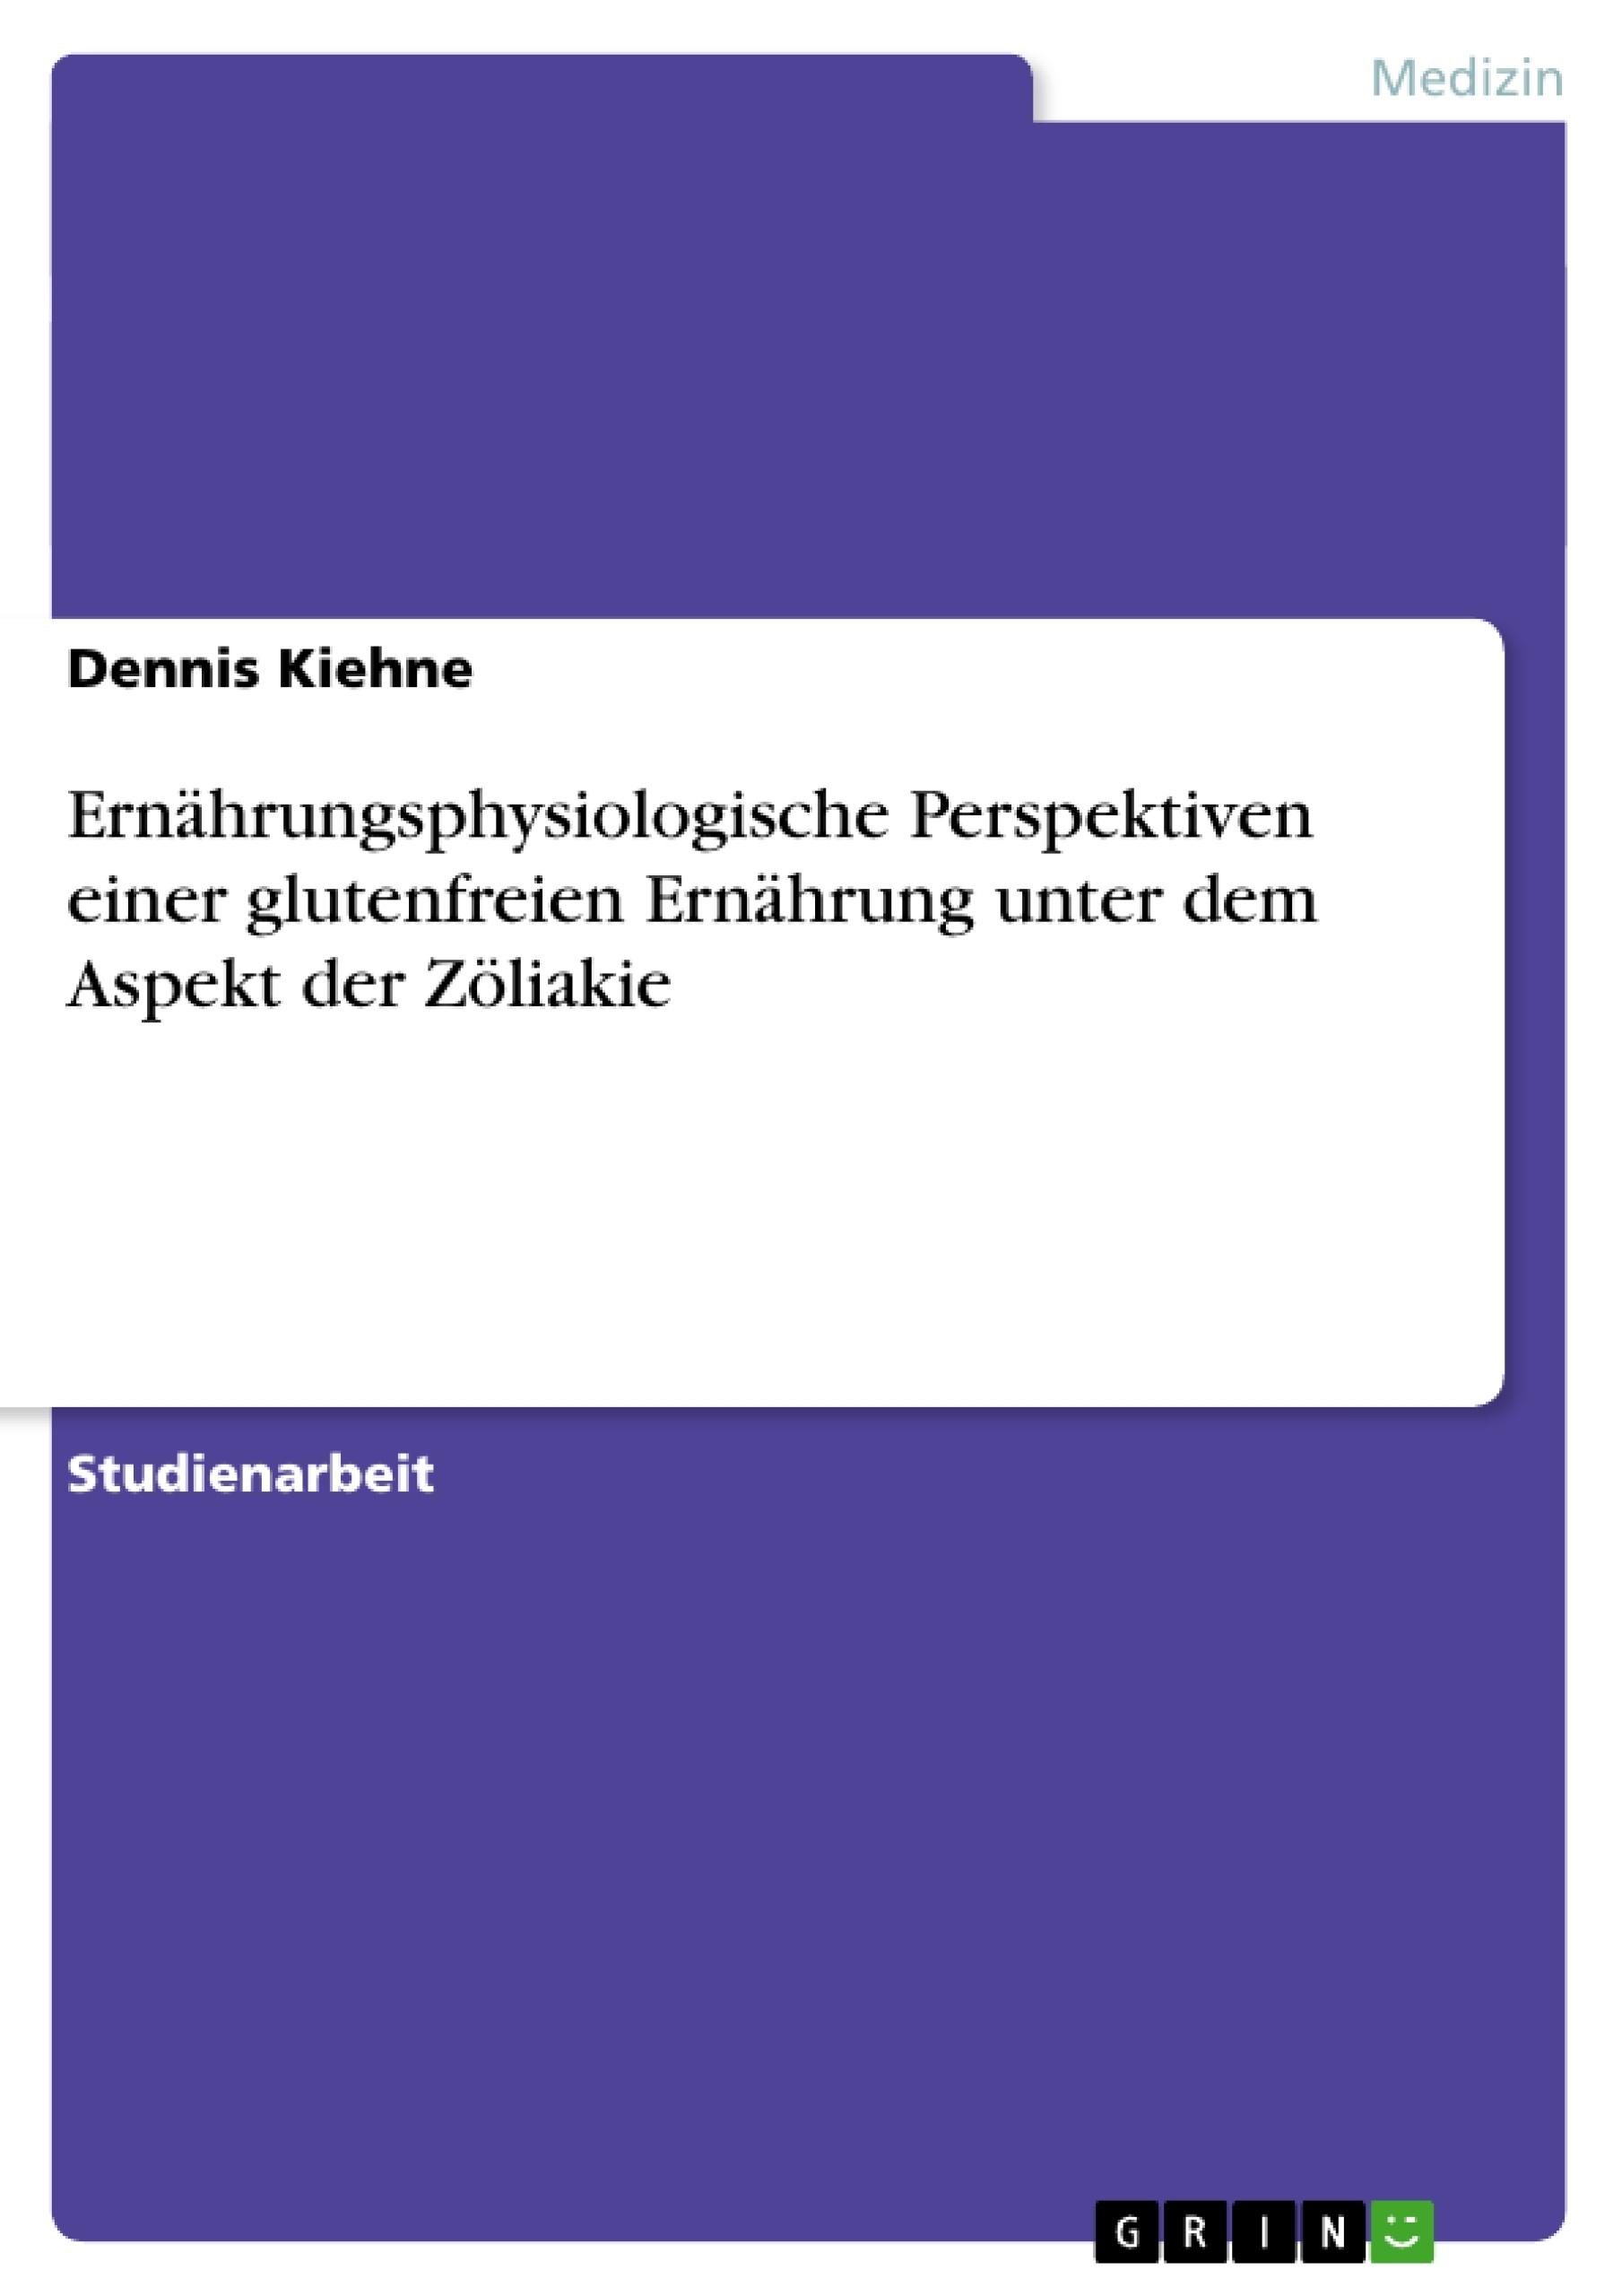 Titel: Ernährungsphysiologische Perspektiven einer glutenfreien Ernährung unter dem Aspekt der Zöliakie